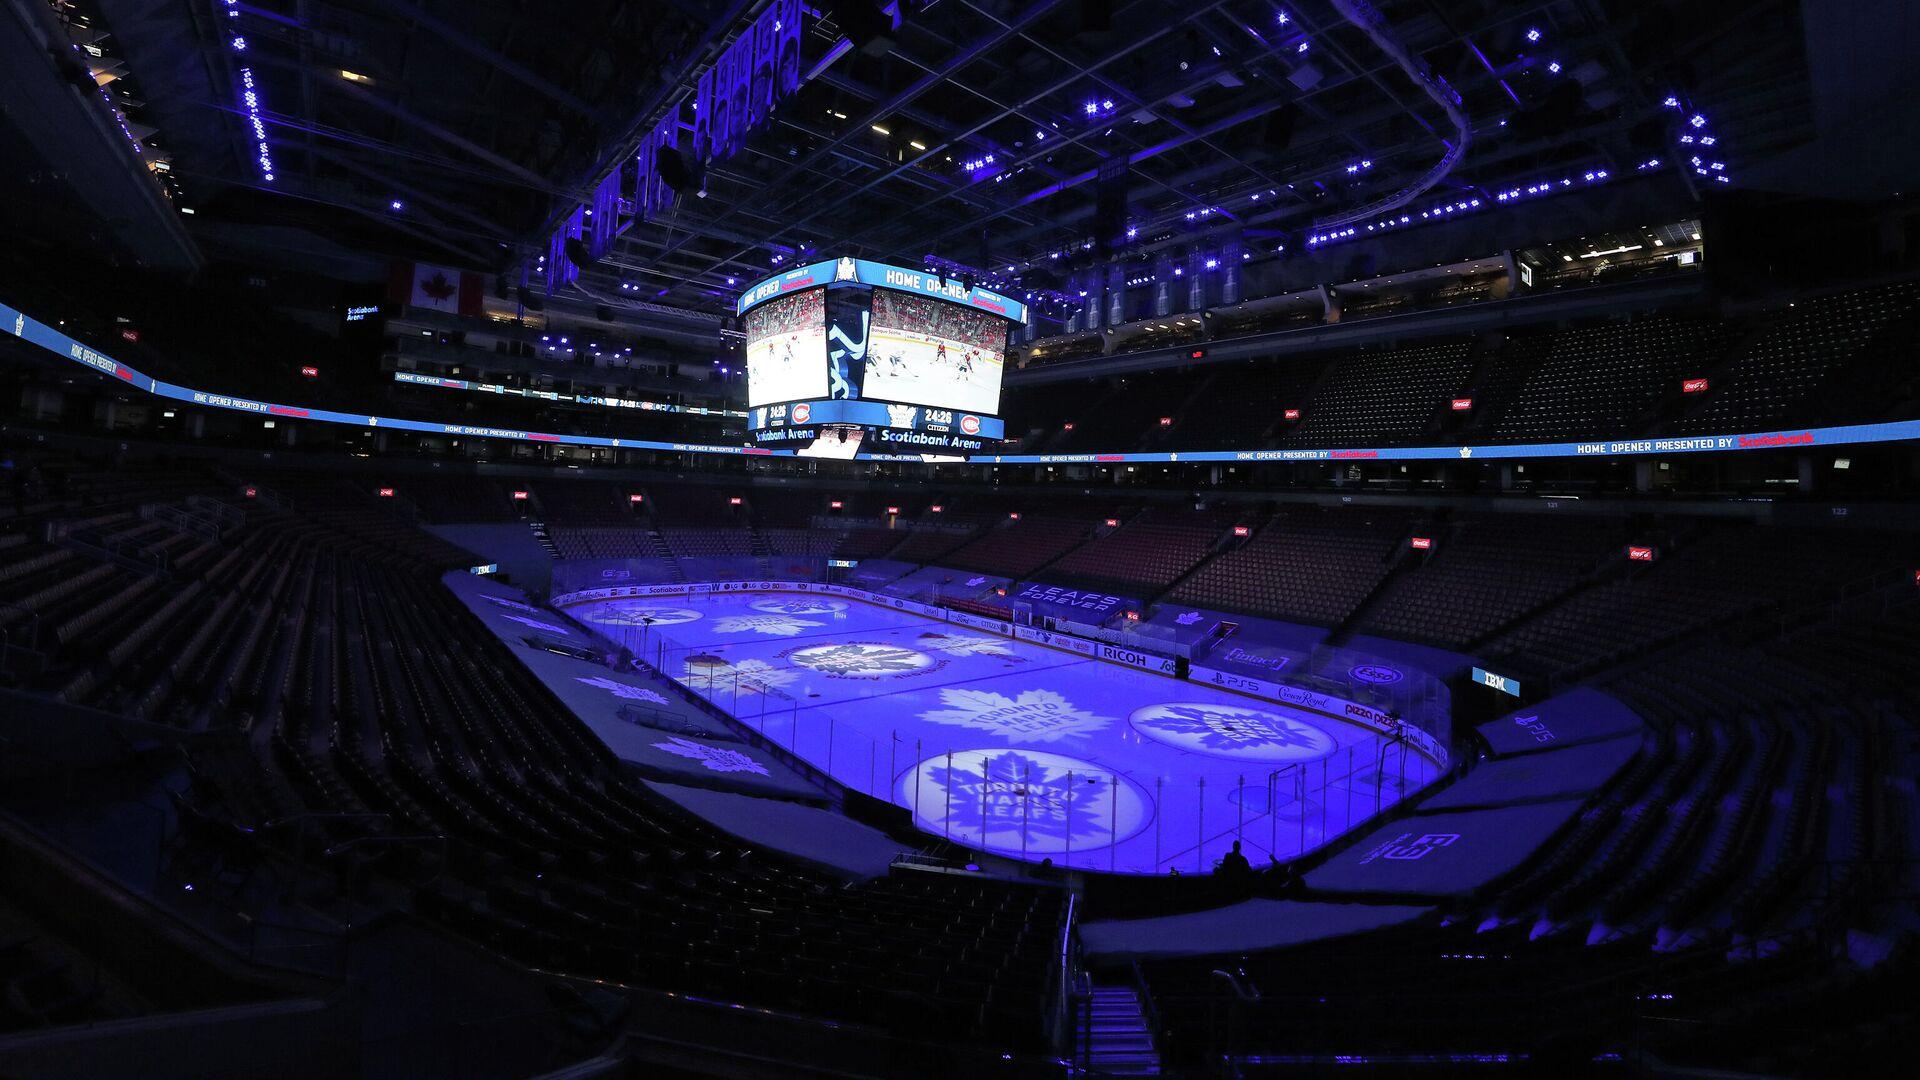 Начало матча НХЛ Монреаля - Торонто - РИА Новости, 1920, 14.01.2021